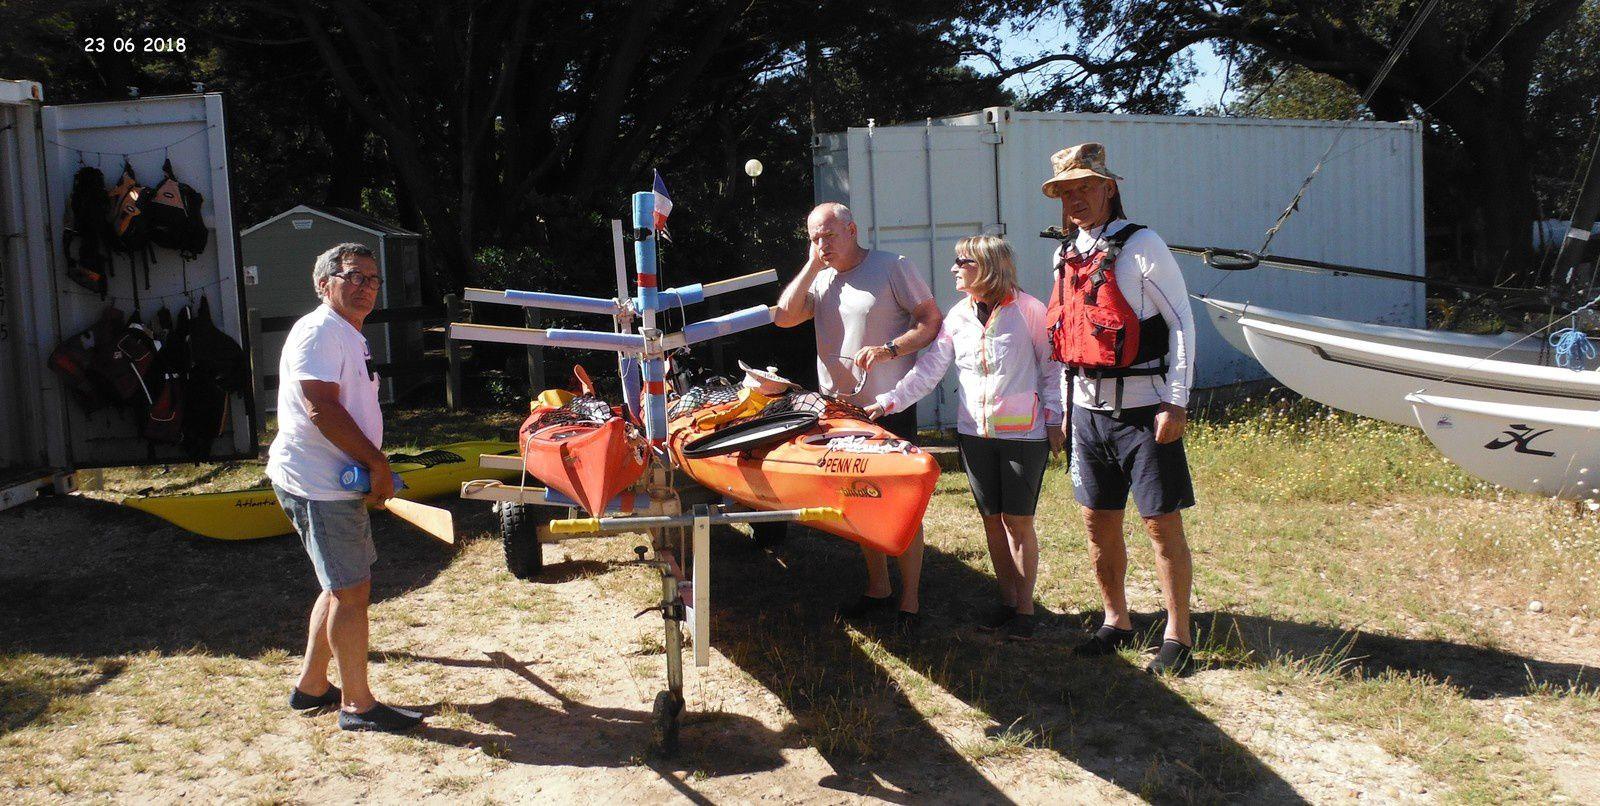 30 ANS DE LA SNSM, l'AST Kayak était présente